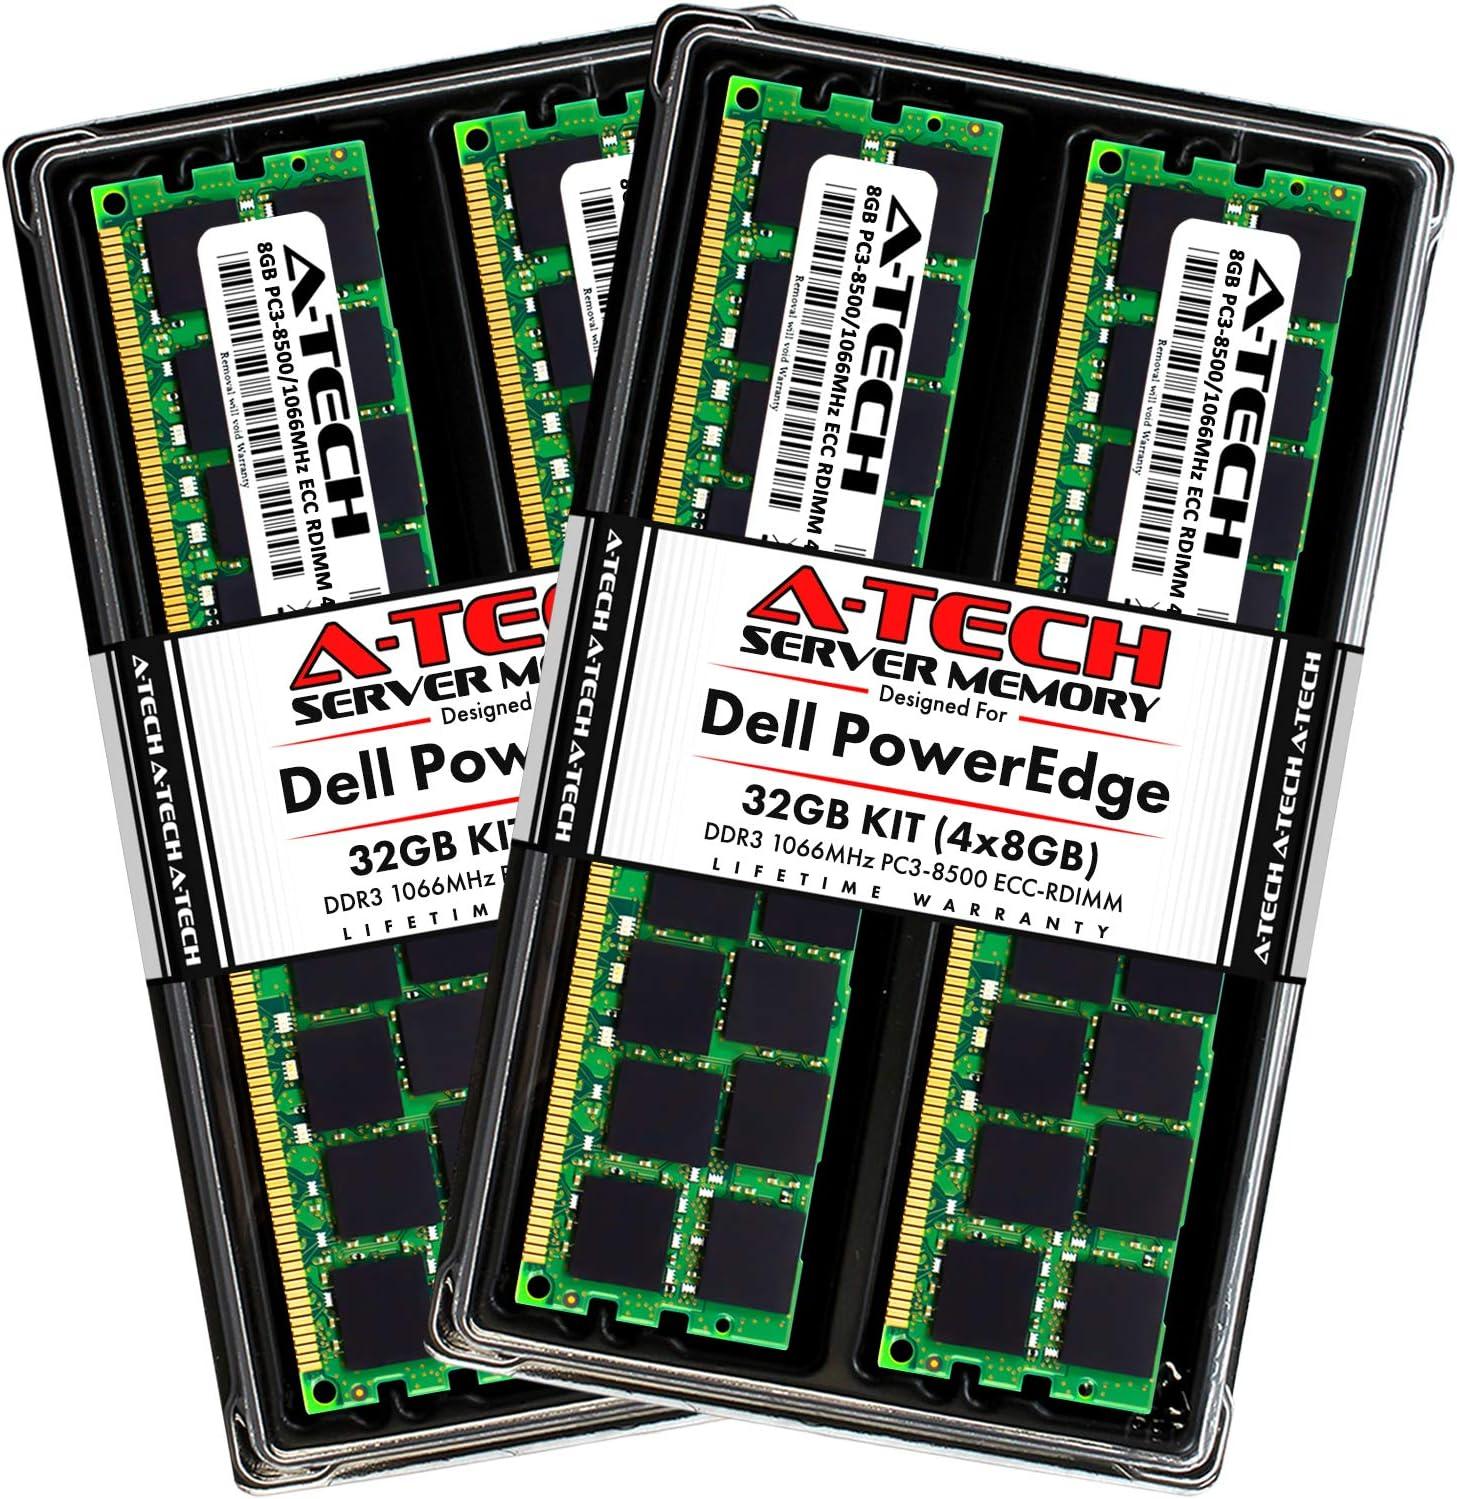 A-Tech 32GB (4x8GB) RAM for Dell PowerEdge R310, T310, R810, R810 II, R910, R910 II, M910, M910 II | DDR3 1066MHz ECC-RDIMM PC3-8500 4Rx8 1.5V 240-Pin ECC Registered DIMM Server Memory Upgrade Kit